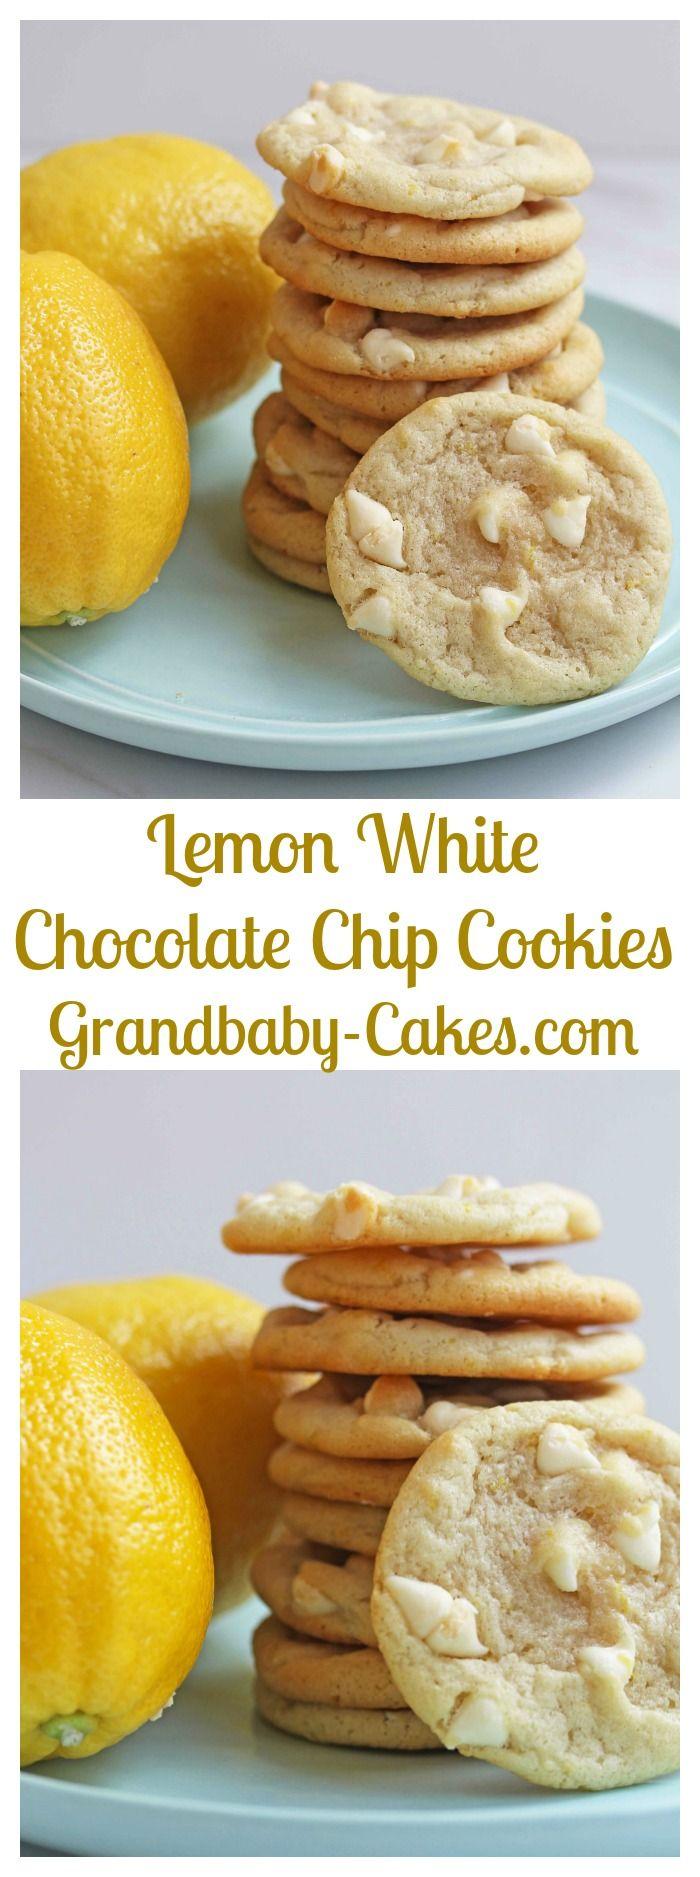 Lemon White Chocolate Chip Cookies | Grandbaby-Cakes.com